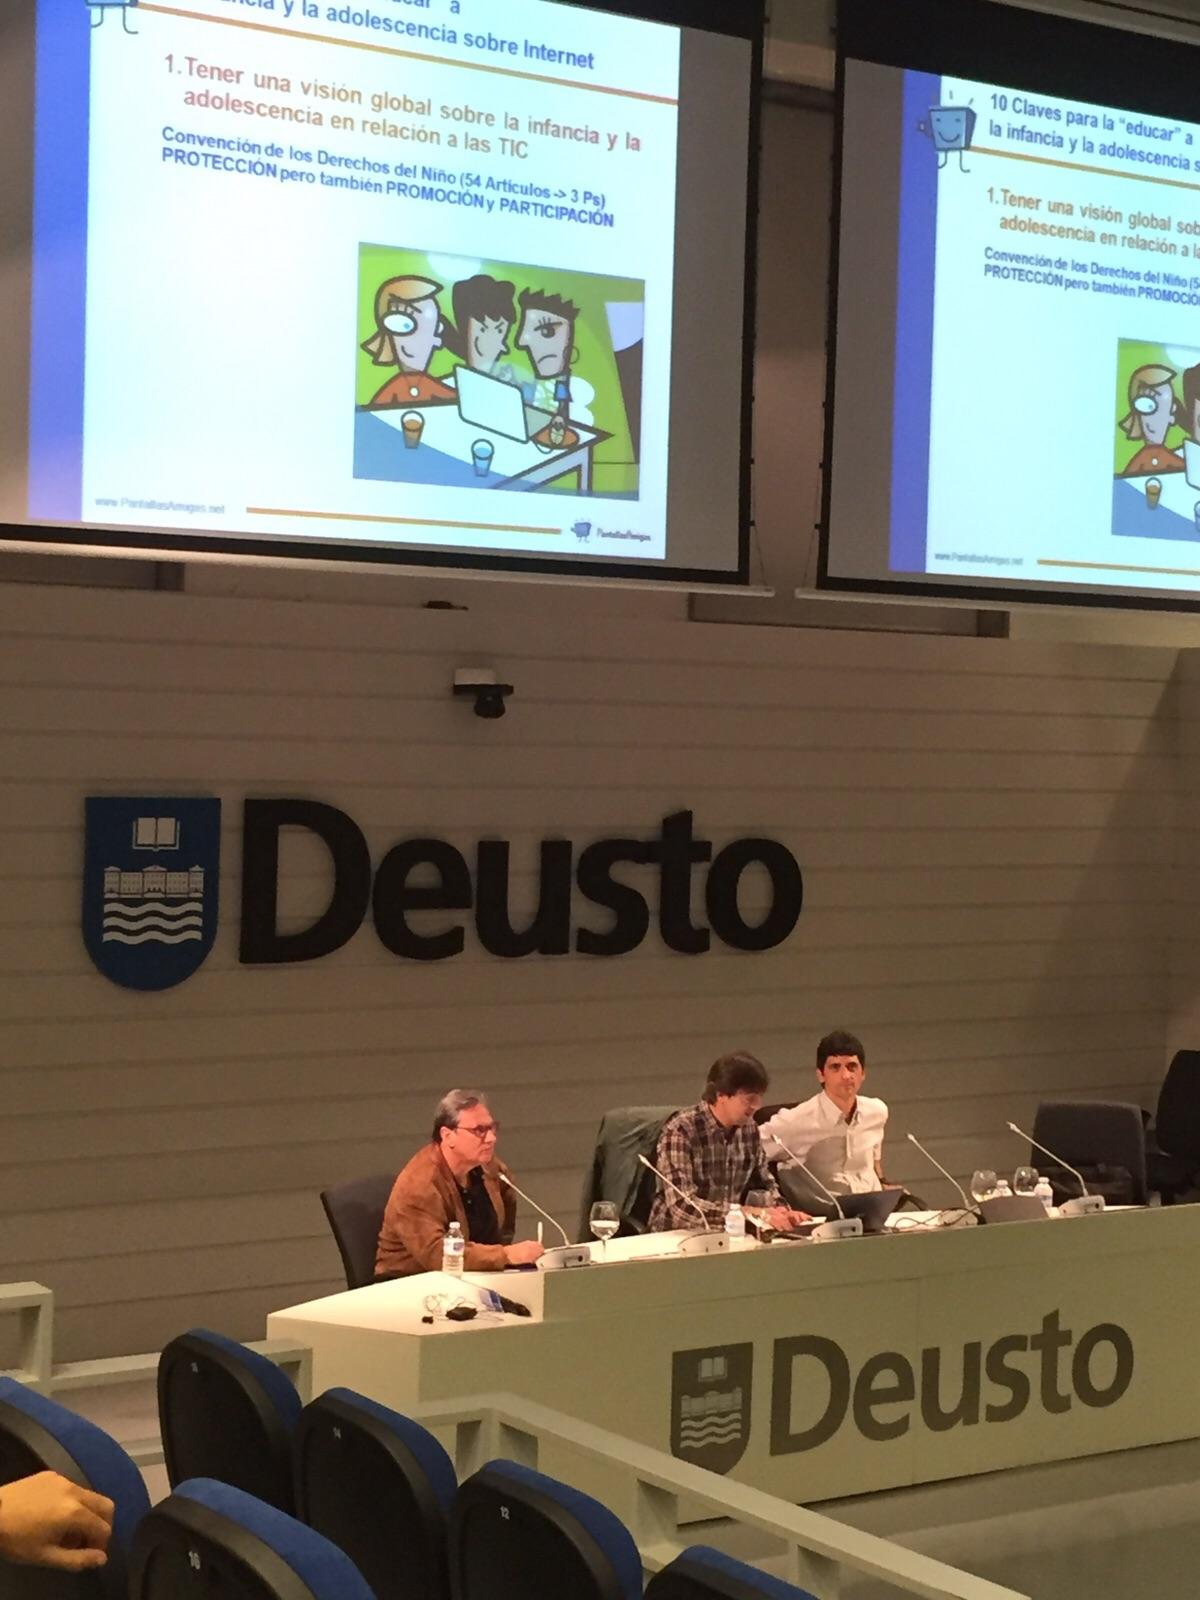 Jorge_Flores_PantallasAmigas_Symposium_Deusto_adicciones_nuevas_tecnologías